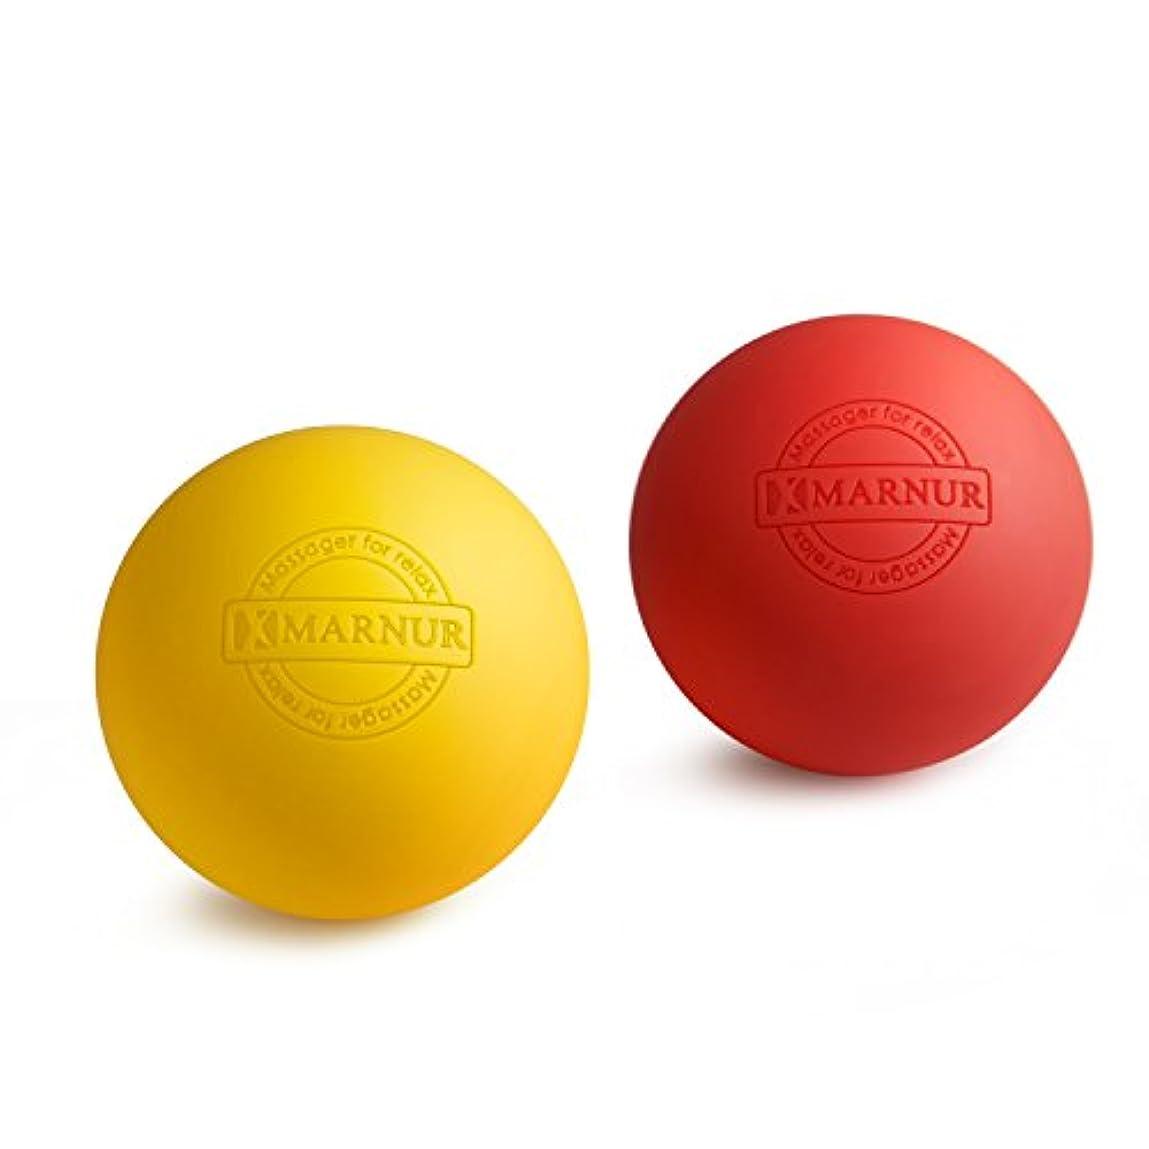 租界効率的に物理的にMARNUR マッサージボール ストレッチボール トリガーポイント 筋膜リリース トレーニング 背中 肩こり 腰 ふくらはぎ 足裏 ツボ押しグッズ 2で1組み合わせ